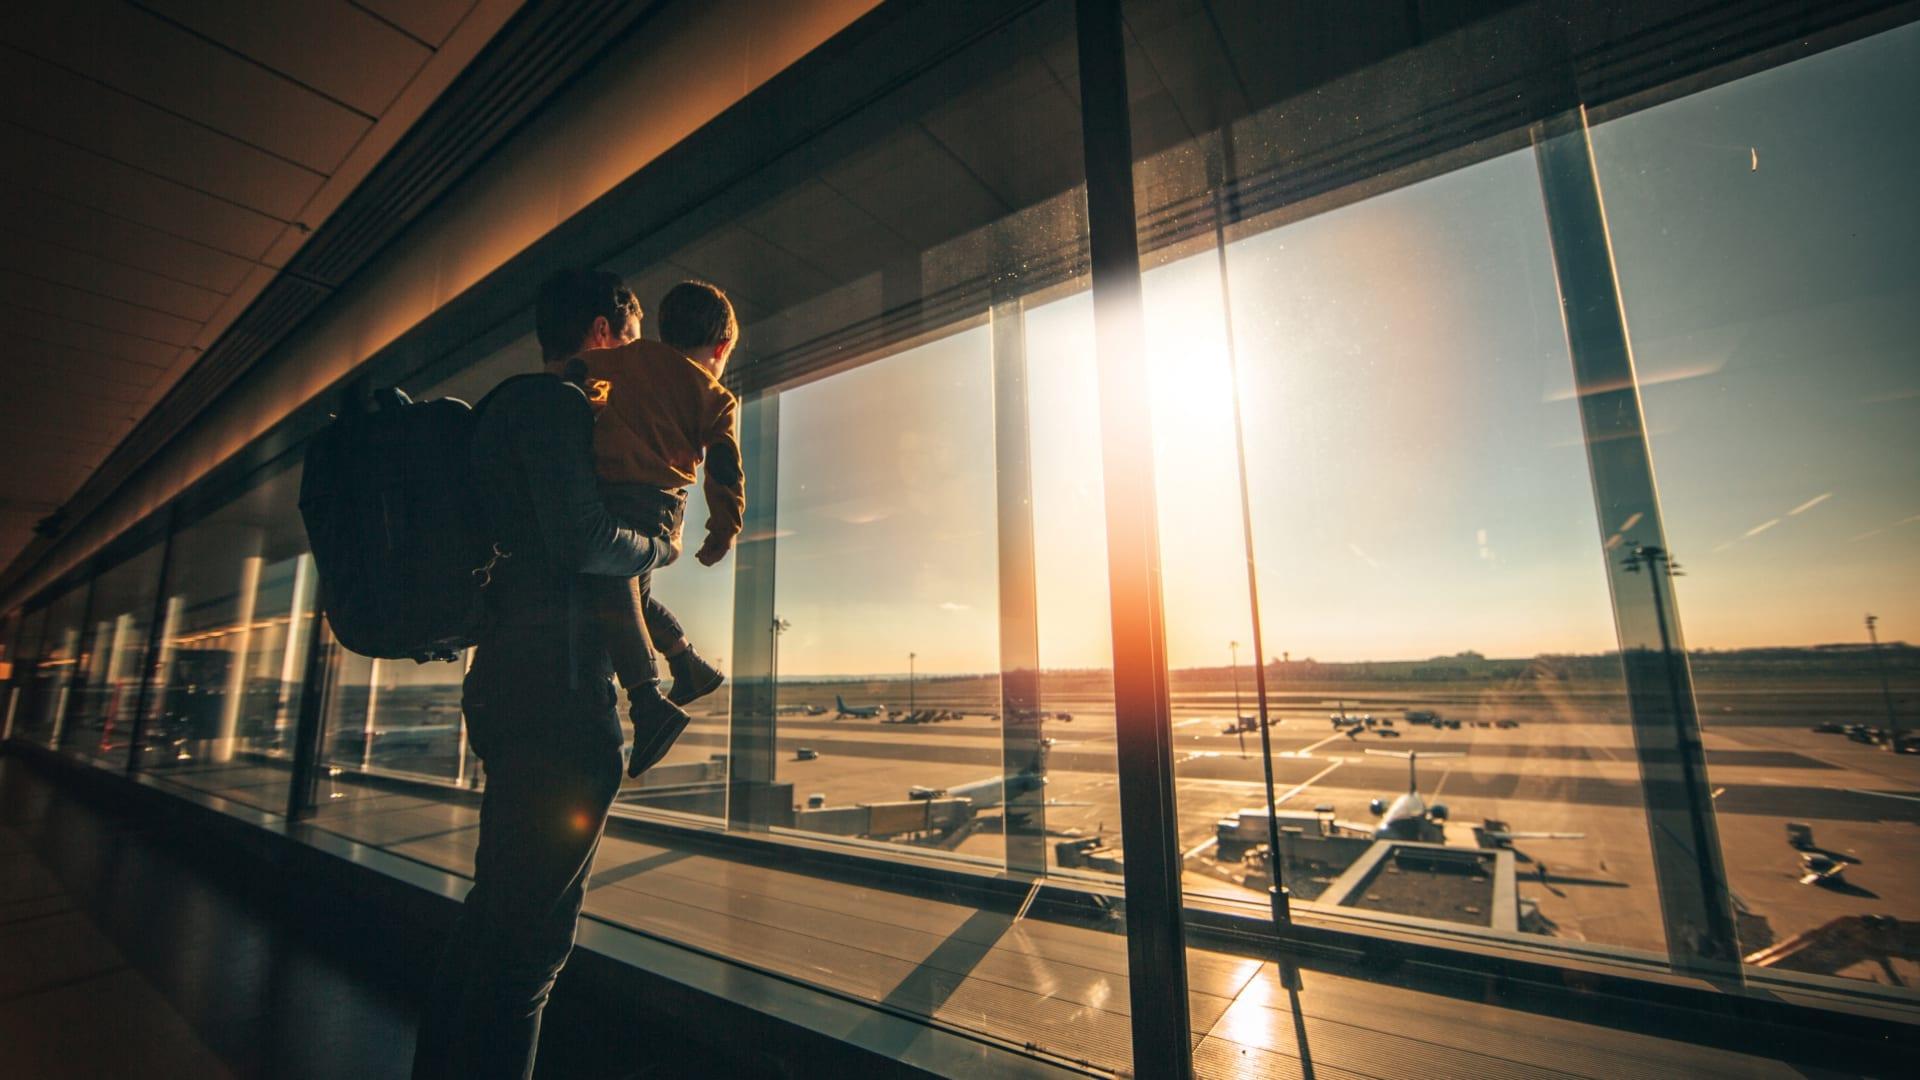 Vater und Sohn am Flughafen